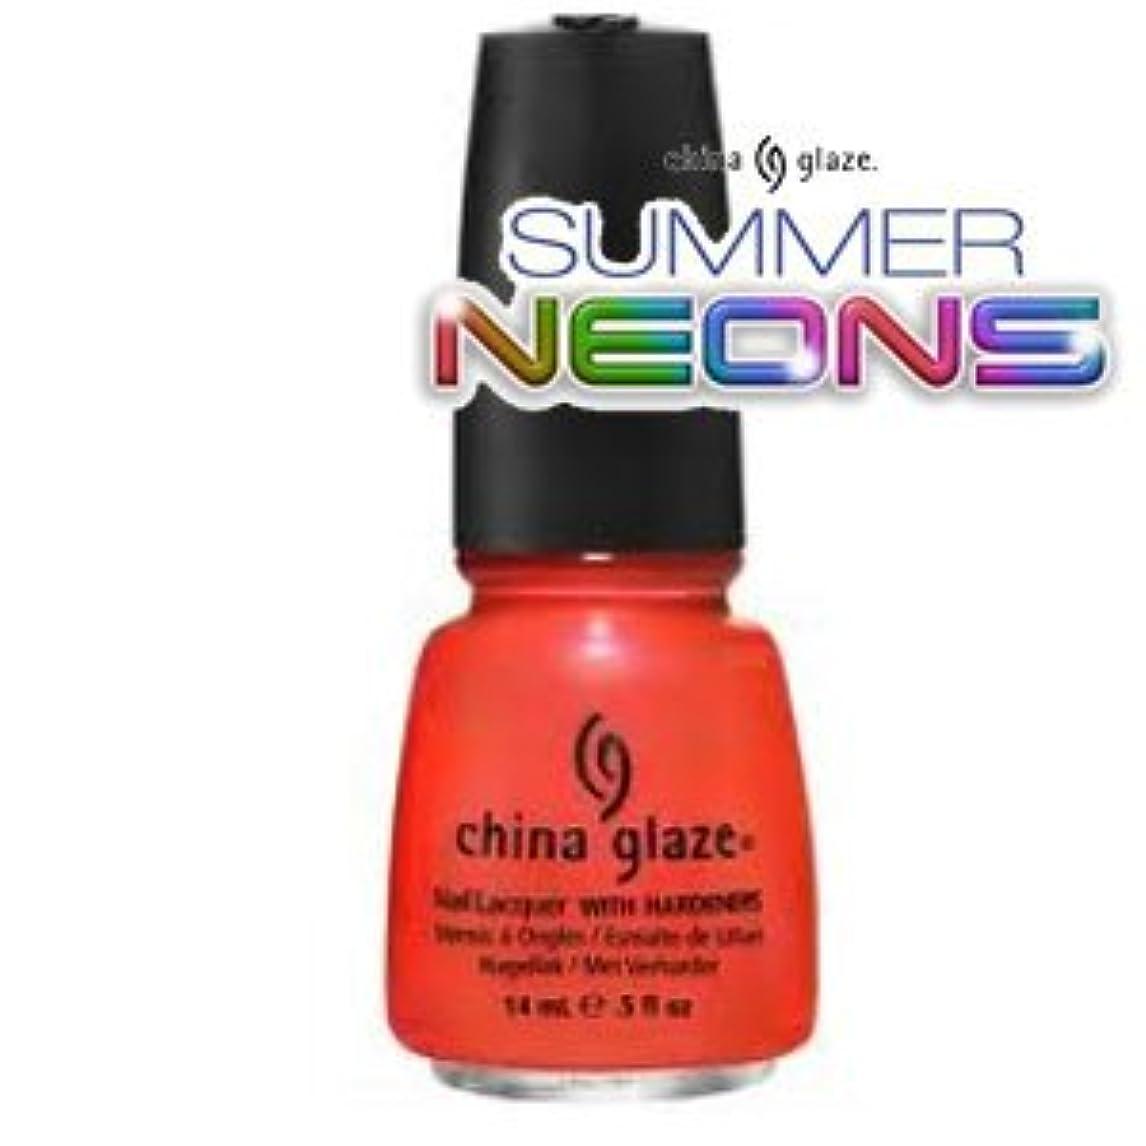 報復する尾アテンダント(チャイナグレイズ)China Glaze Surfin ' For Boysーサマーネオン コレクション [海外直送品][並行輸入品]